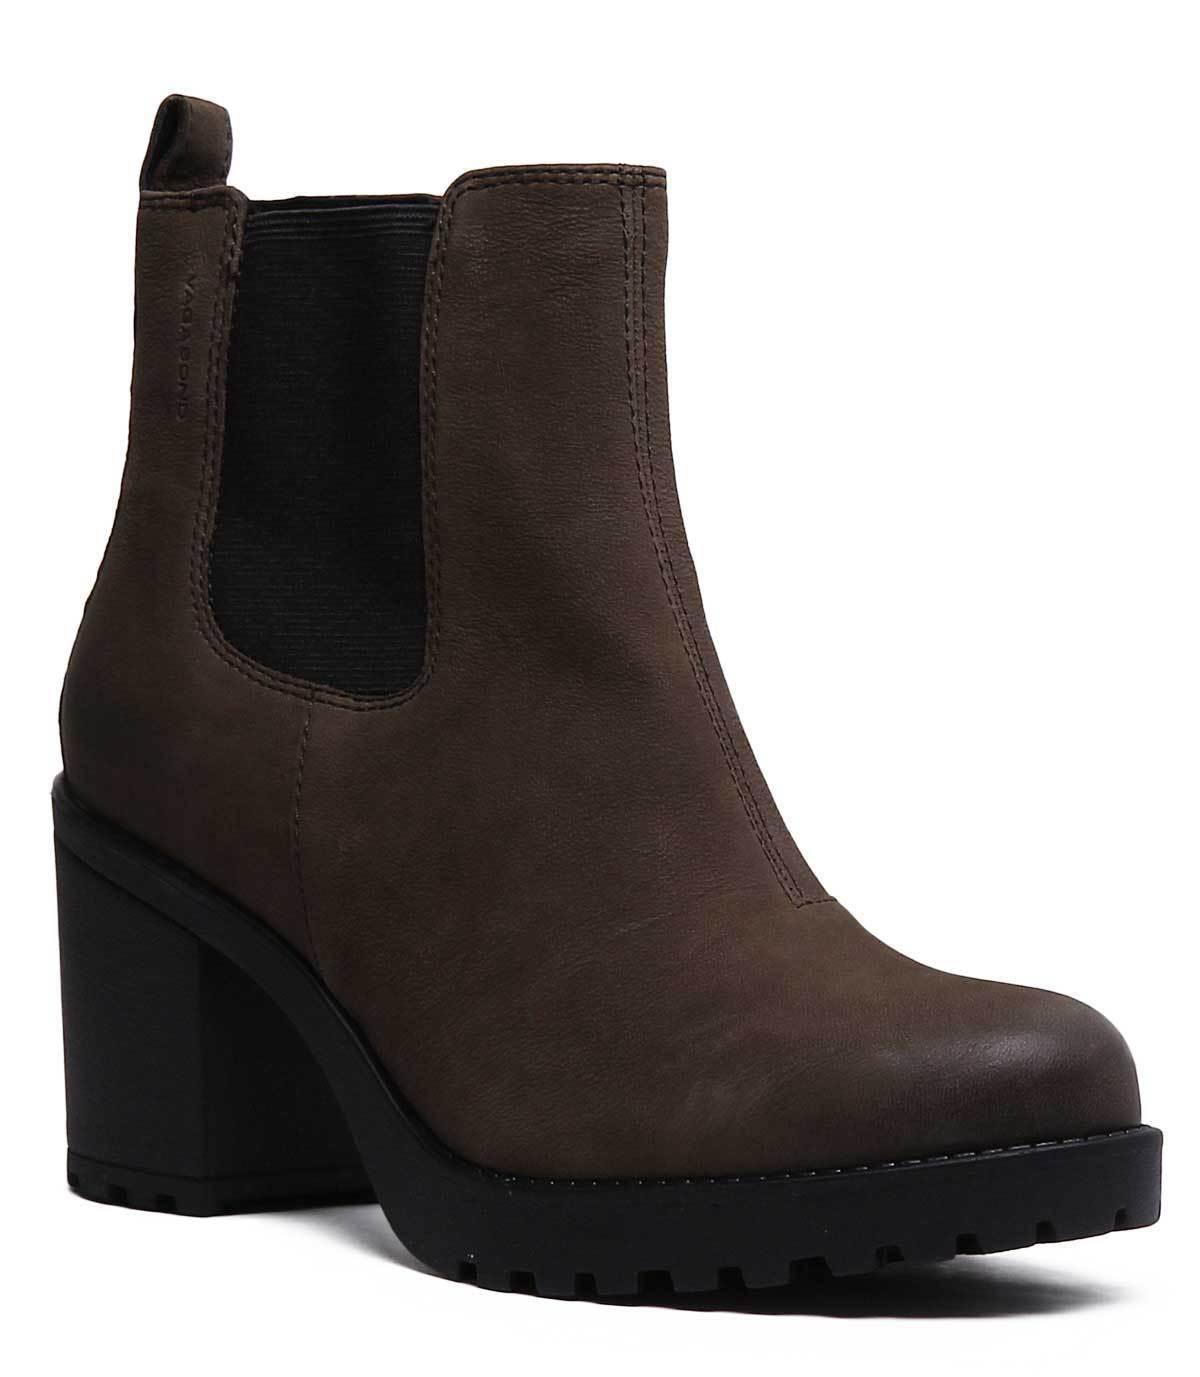 Vagabond Gracia de cuero nobuck para mujer Oliva Chelsea botas botas botas al Tobillo tamaño de Reino Unido 3 - 8  genuina alta calidad